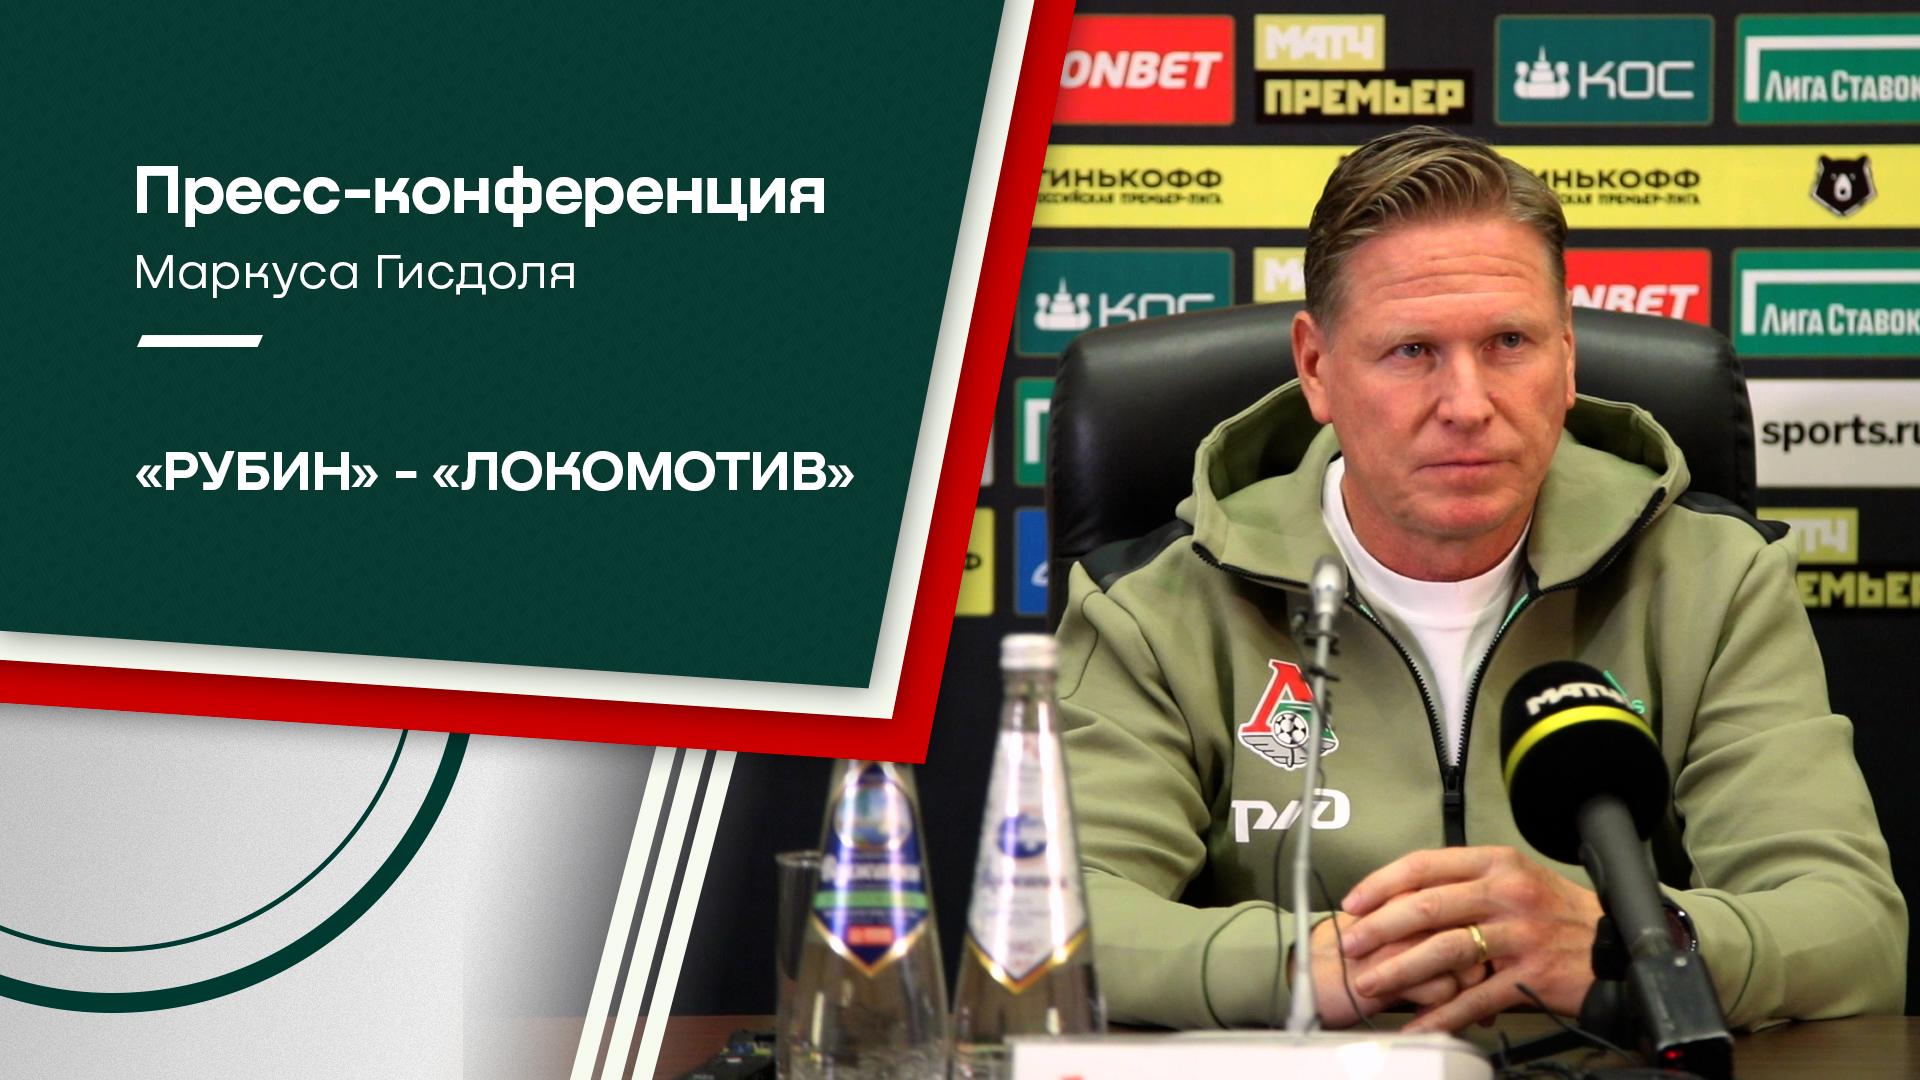 Пресс-конференция Маркуса Гисдоля после матча с «Рубином»